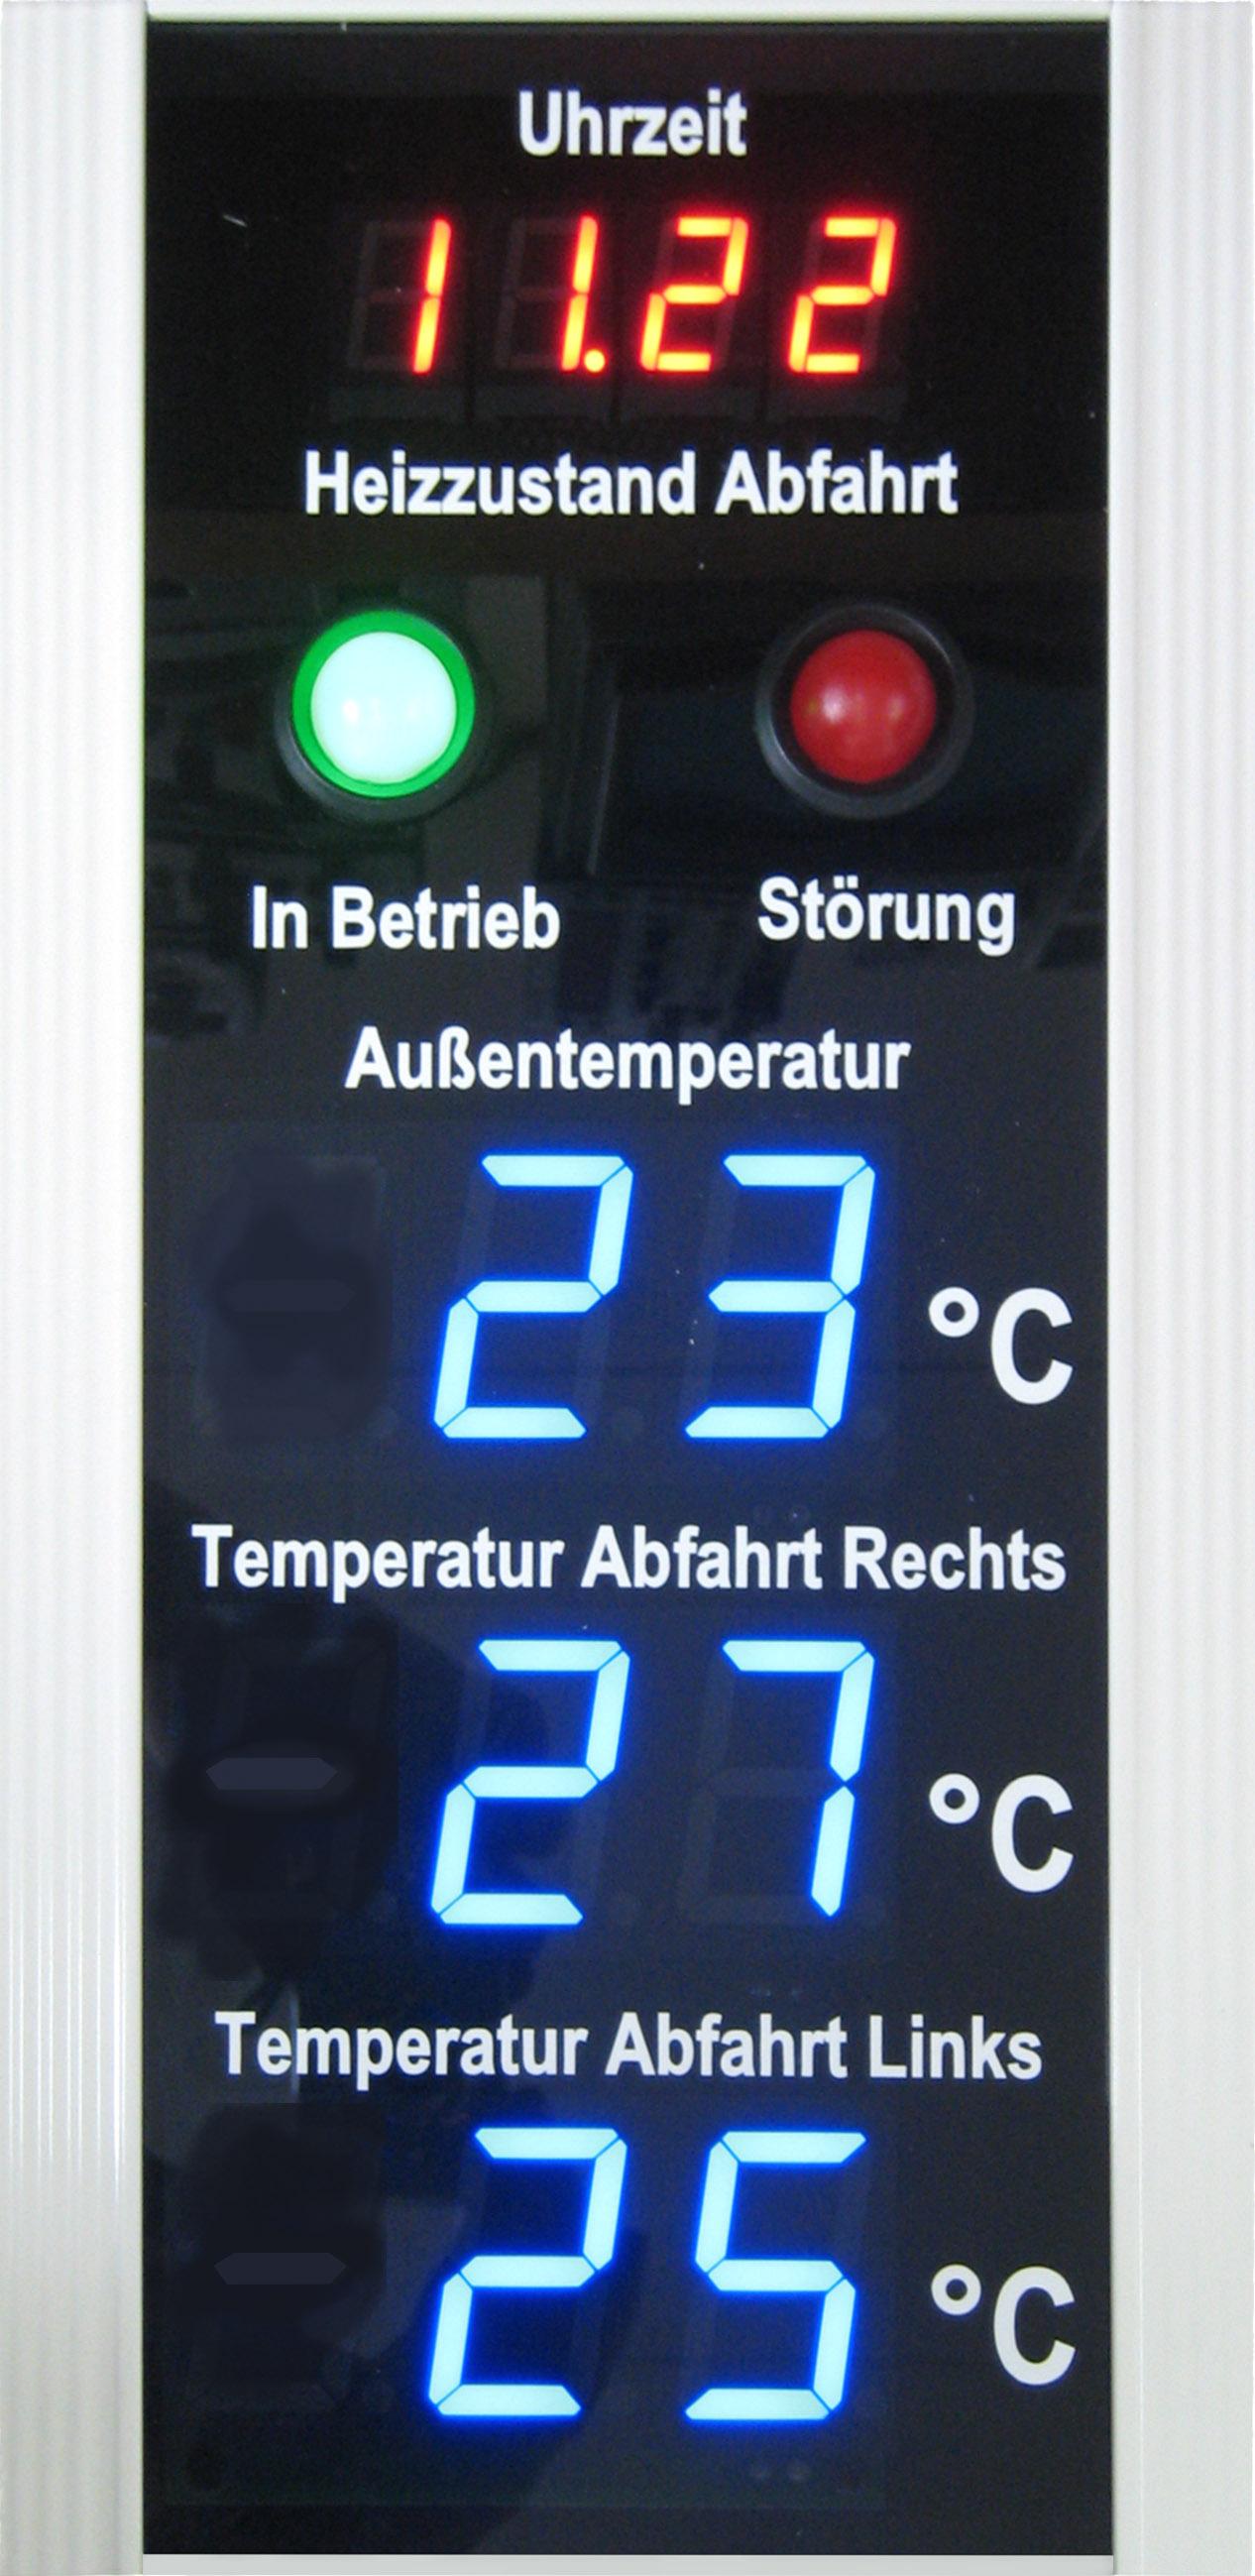 Temperaturanzeige inkl. Uhrzeitanzeige, Zeichenhöhe 40 mm, Abmessungen 170x350x80 mm